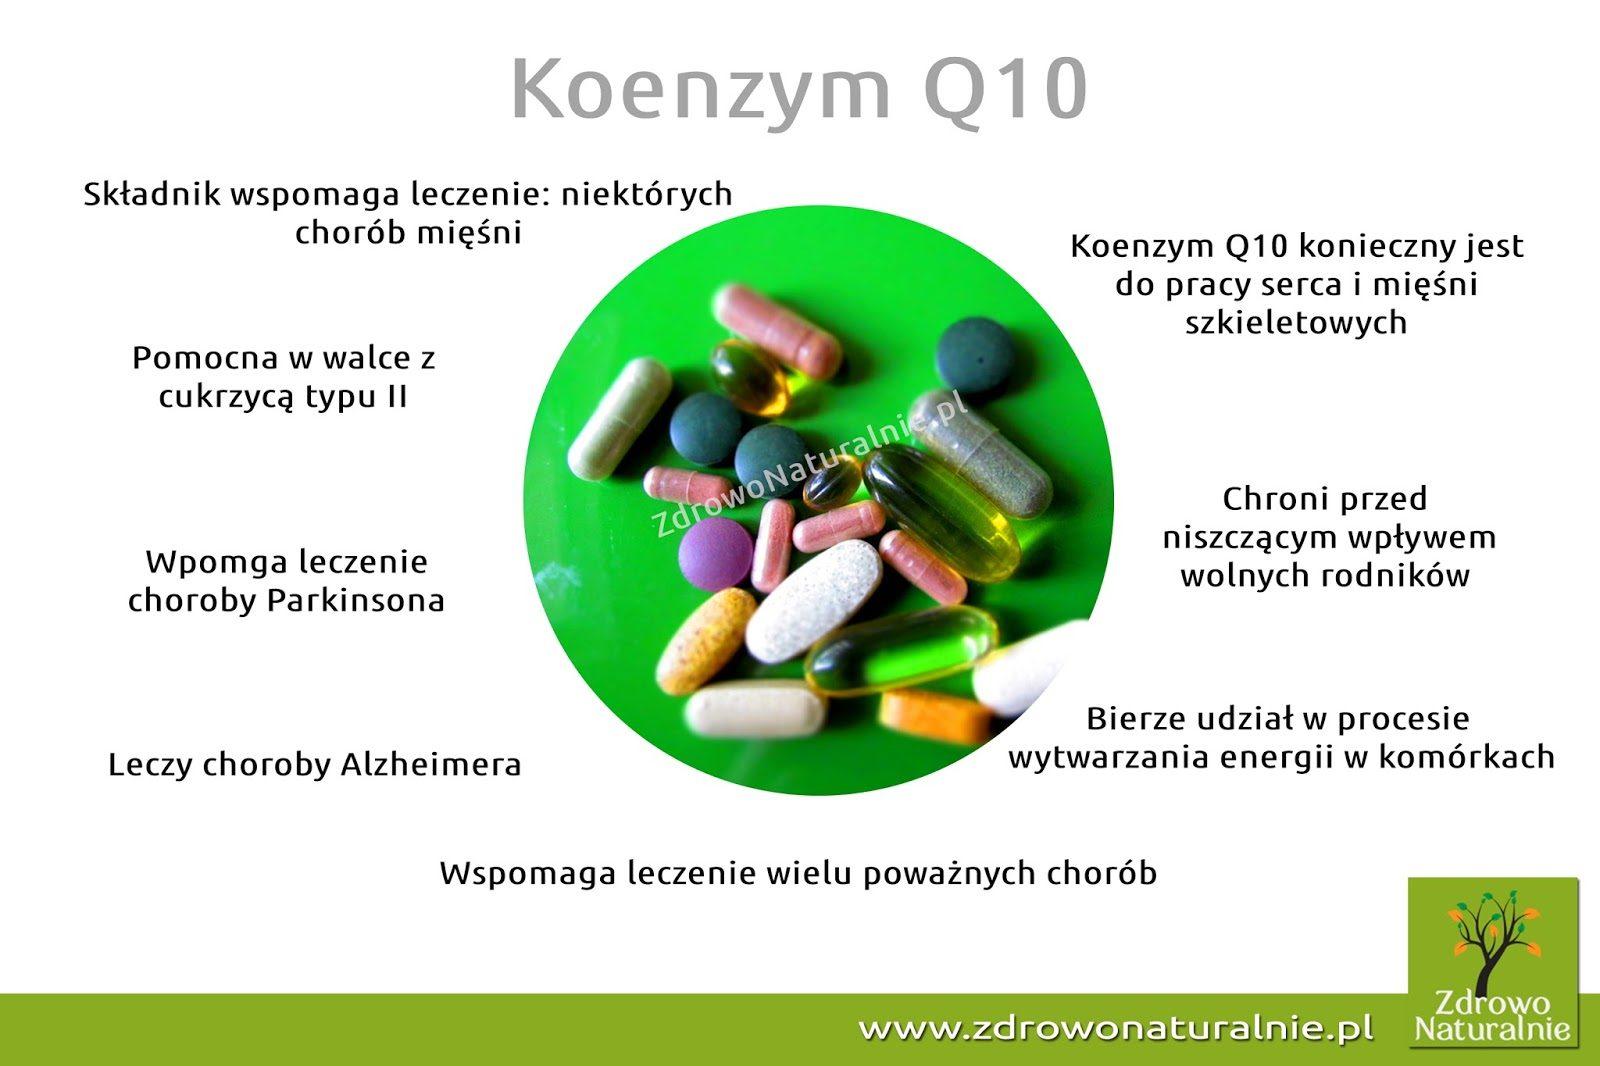 koenzymq10-8845127